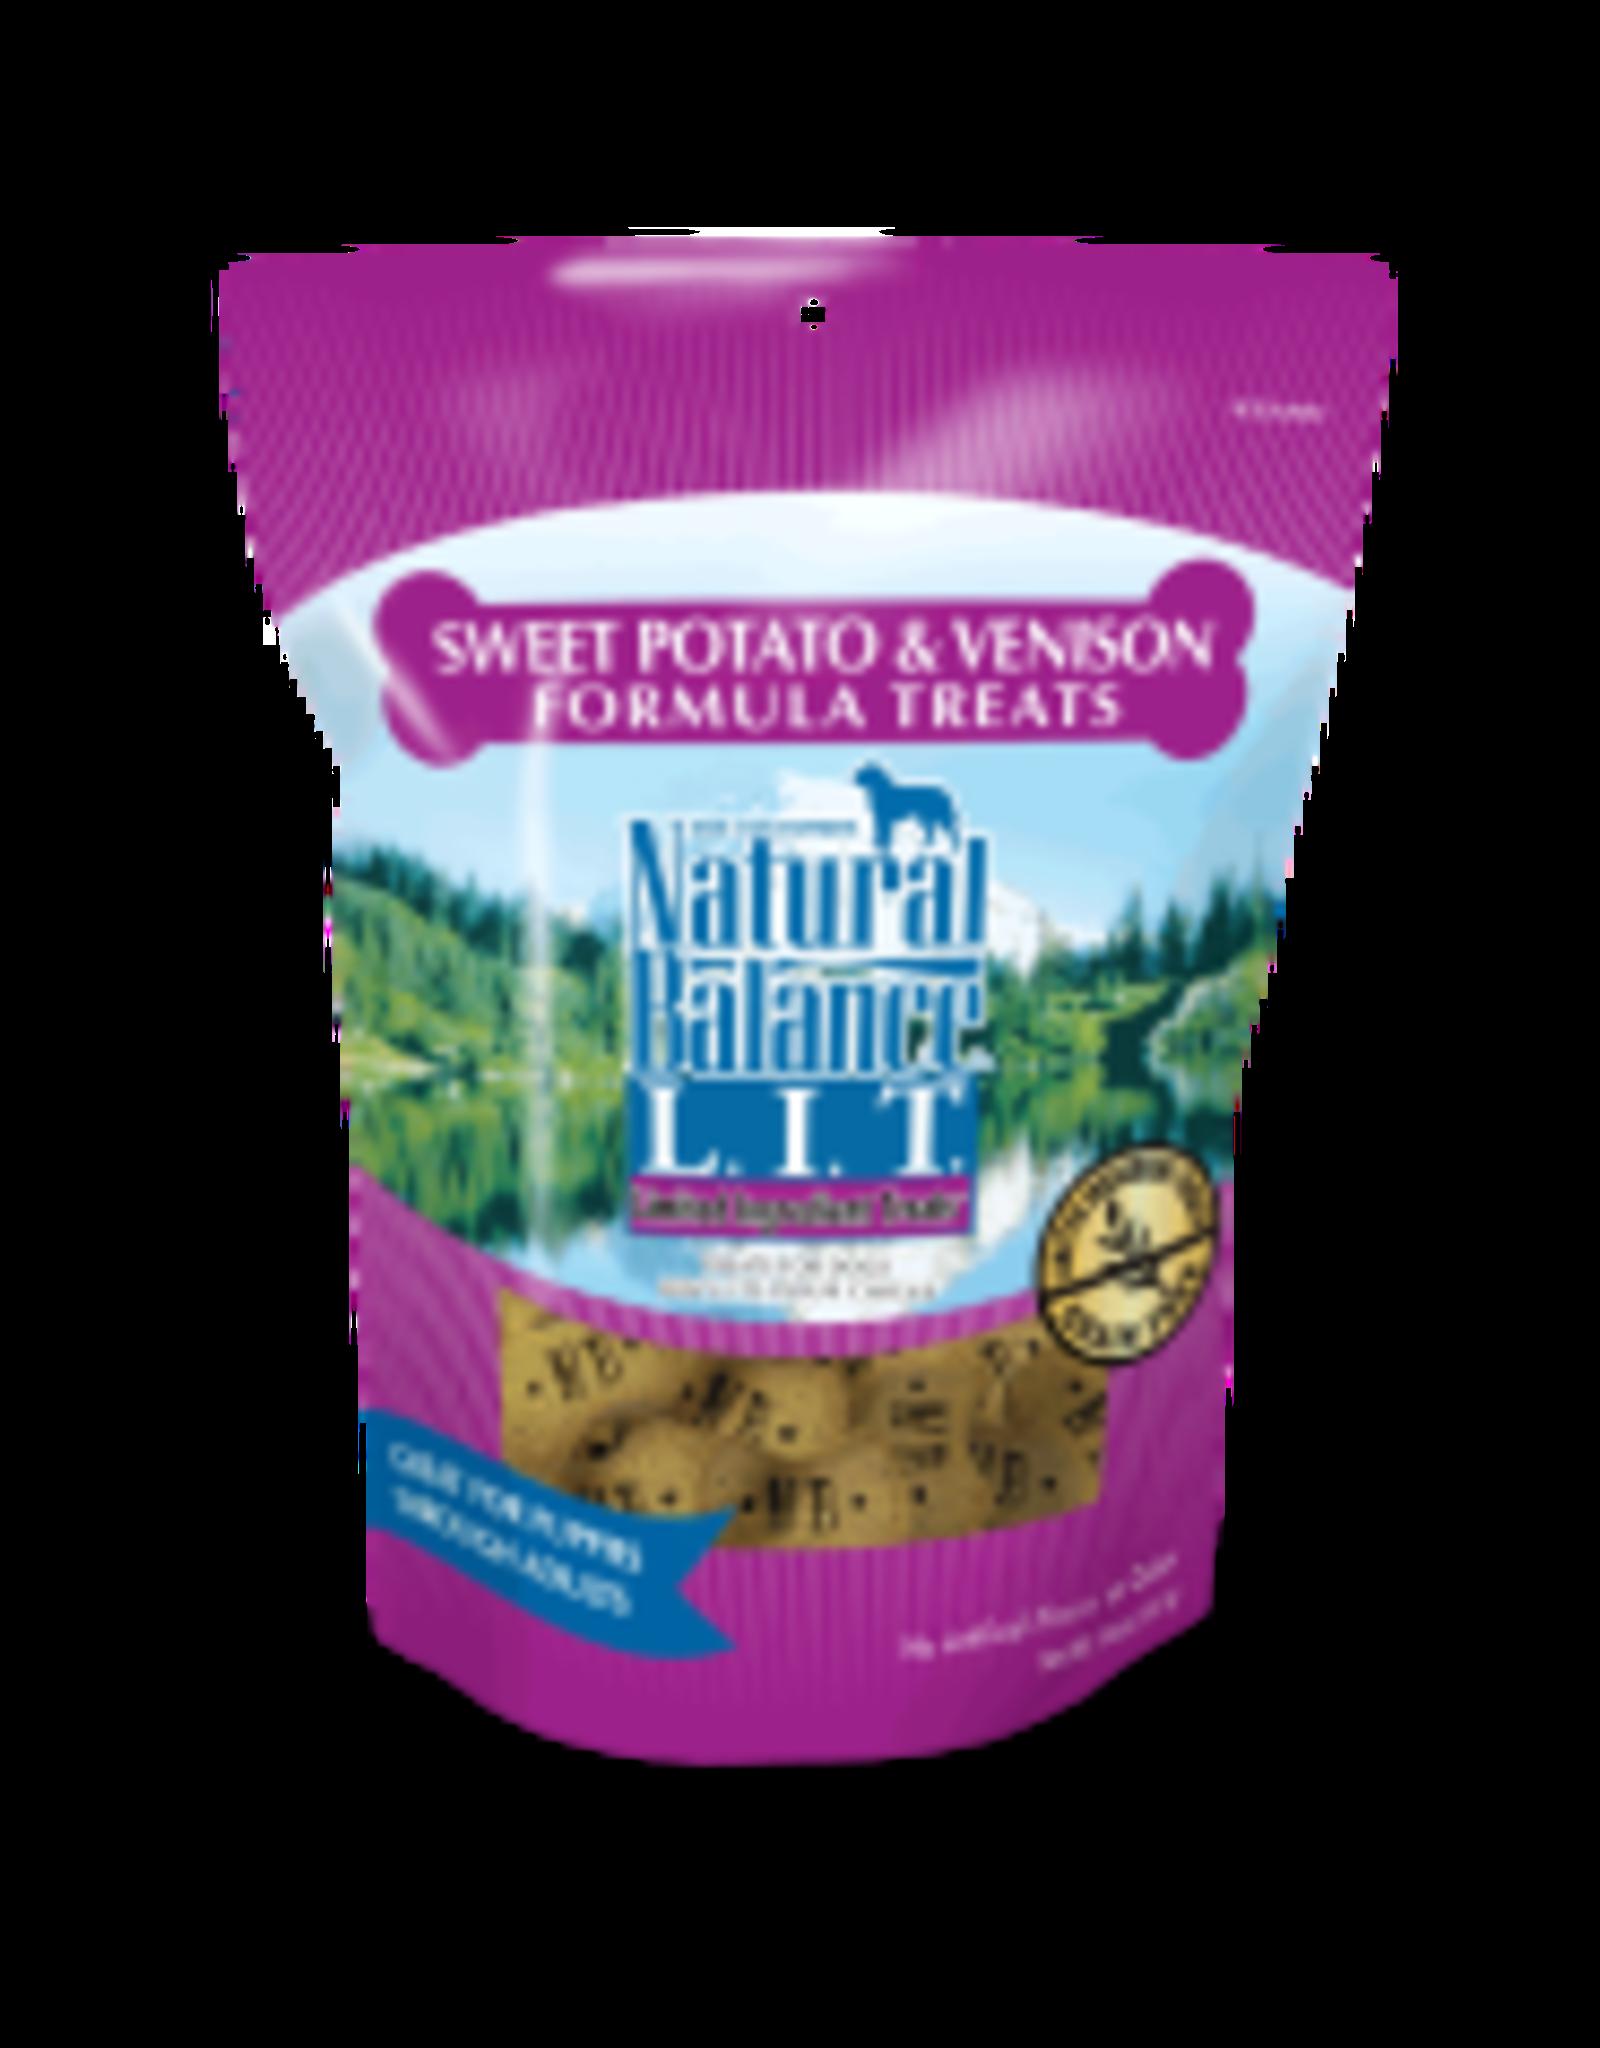 Natural Balance Natural Balance - Sweet Potato & Venison Treat Dog 14oz